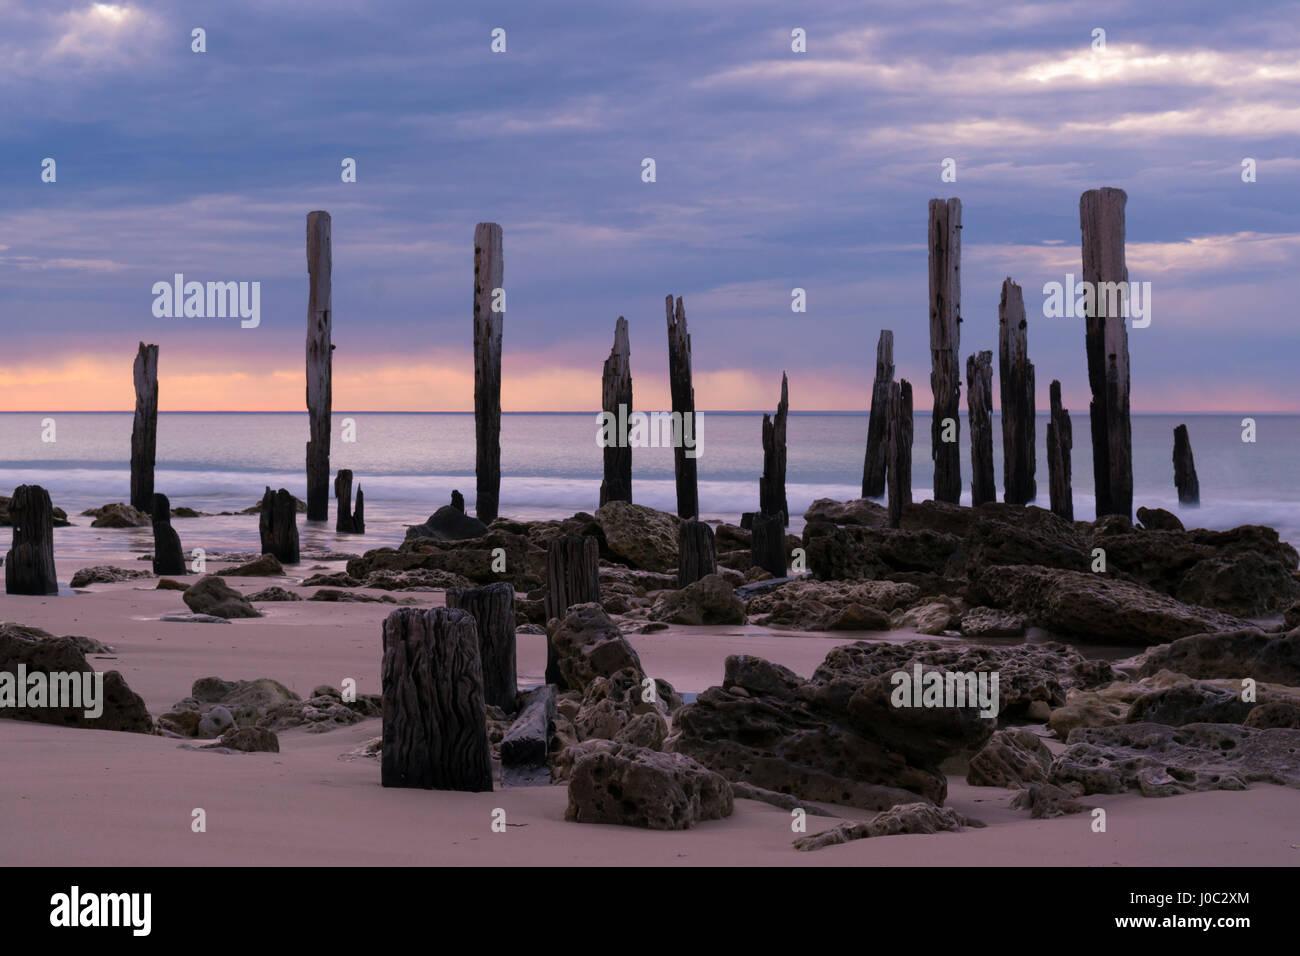 Il Jetty rovine a Port Willunga, Sud Australia al tramonto. Slow shutter fornendo velocità che tranquillo liscio Immagini Stock